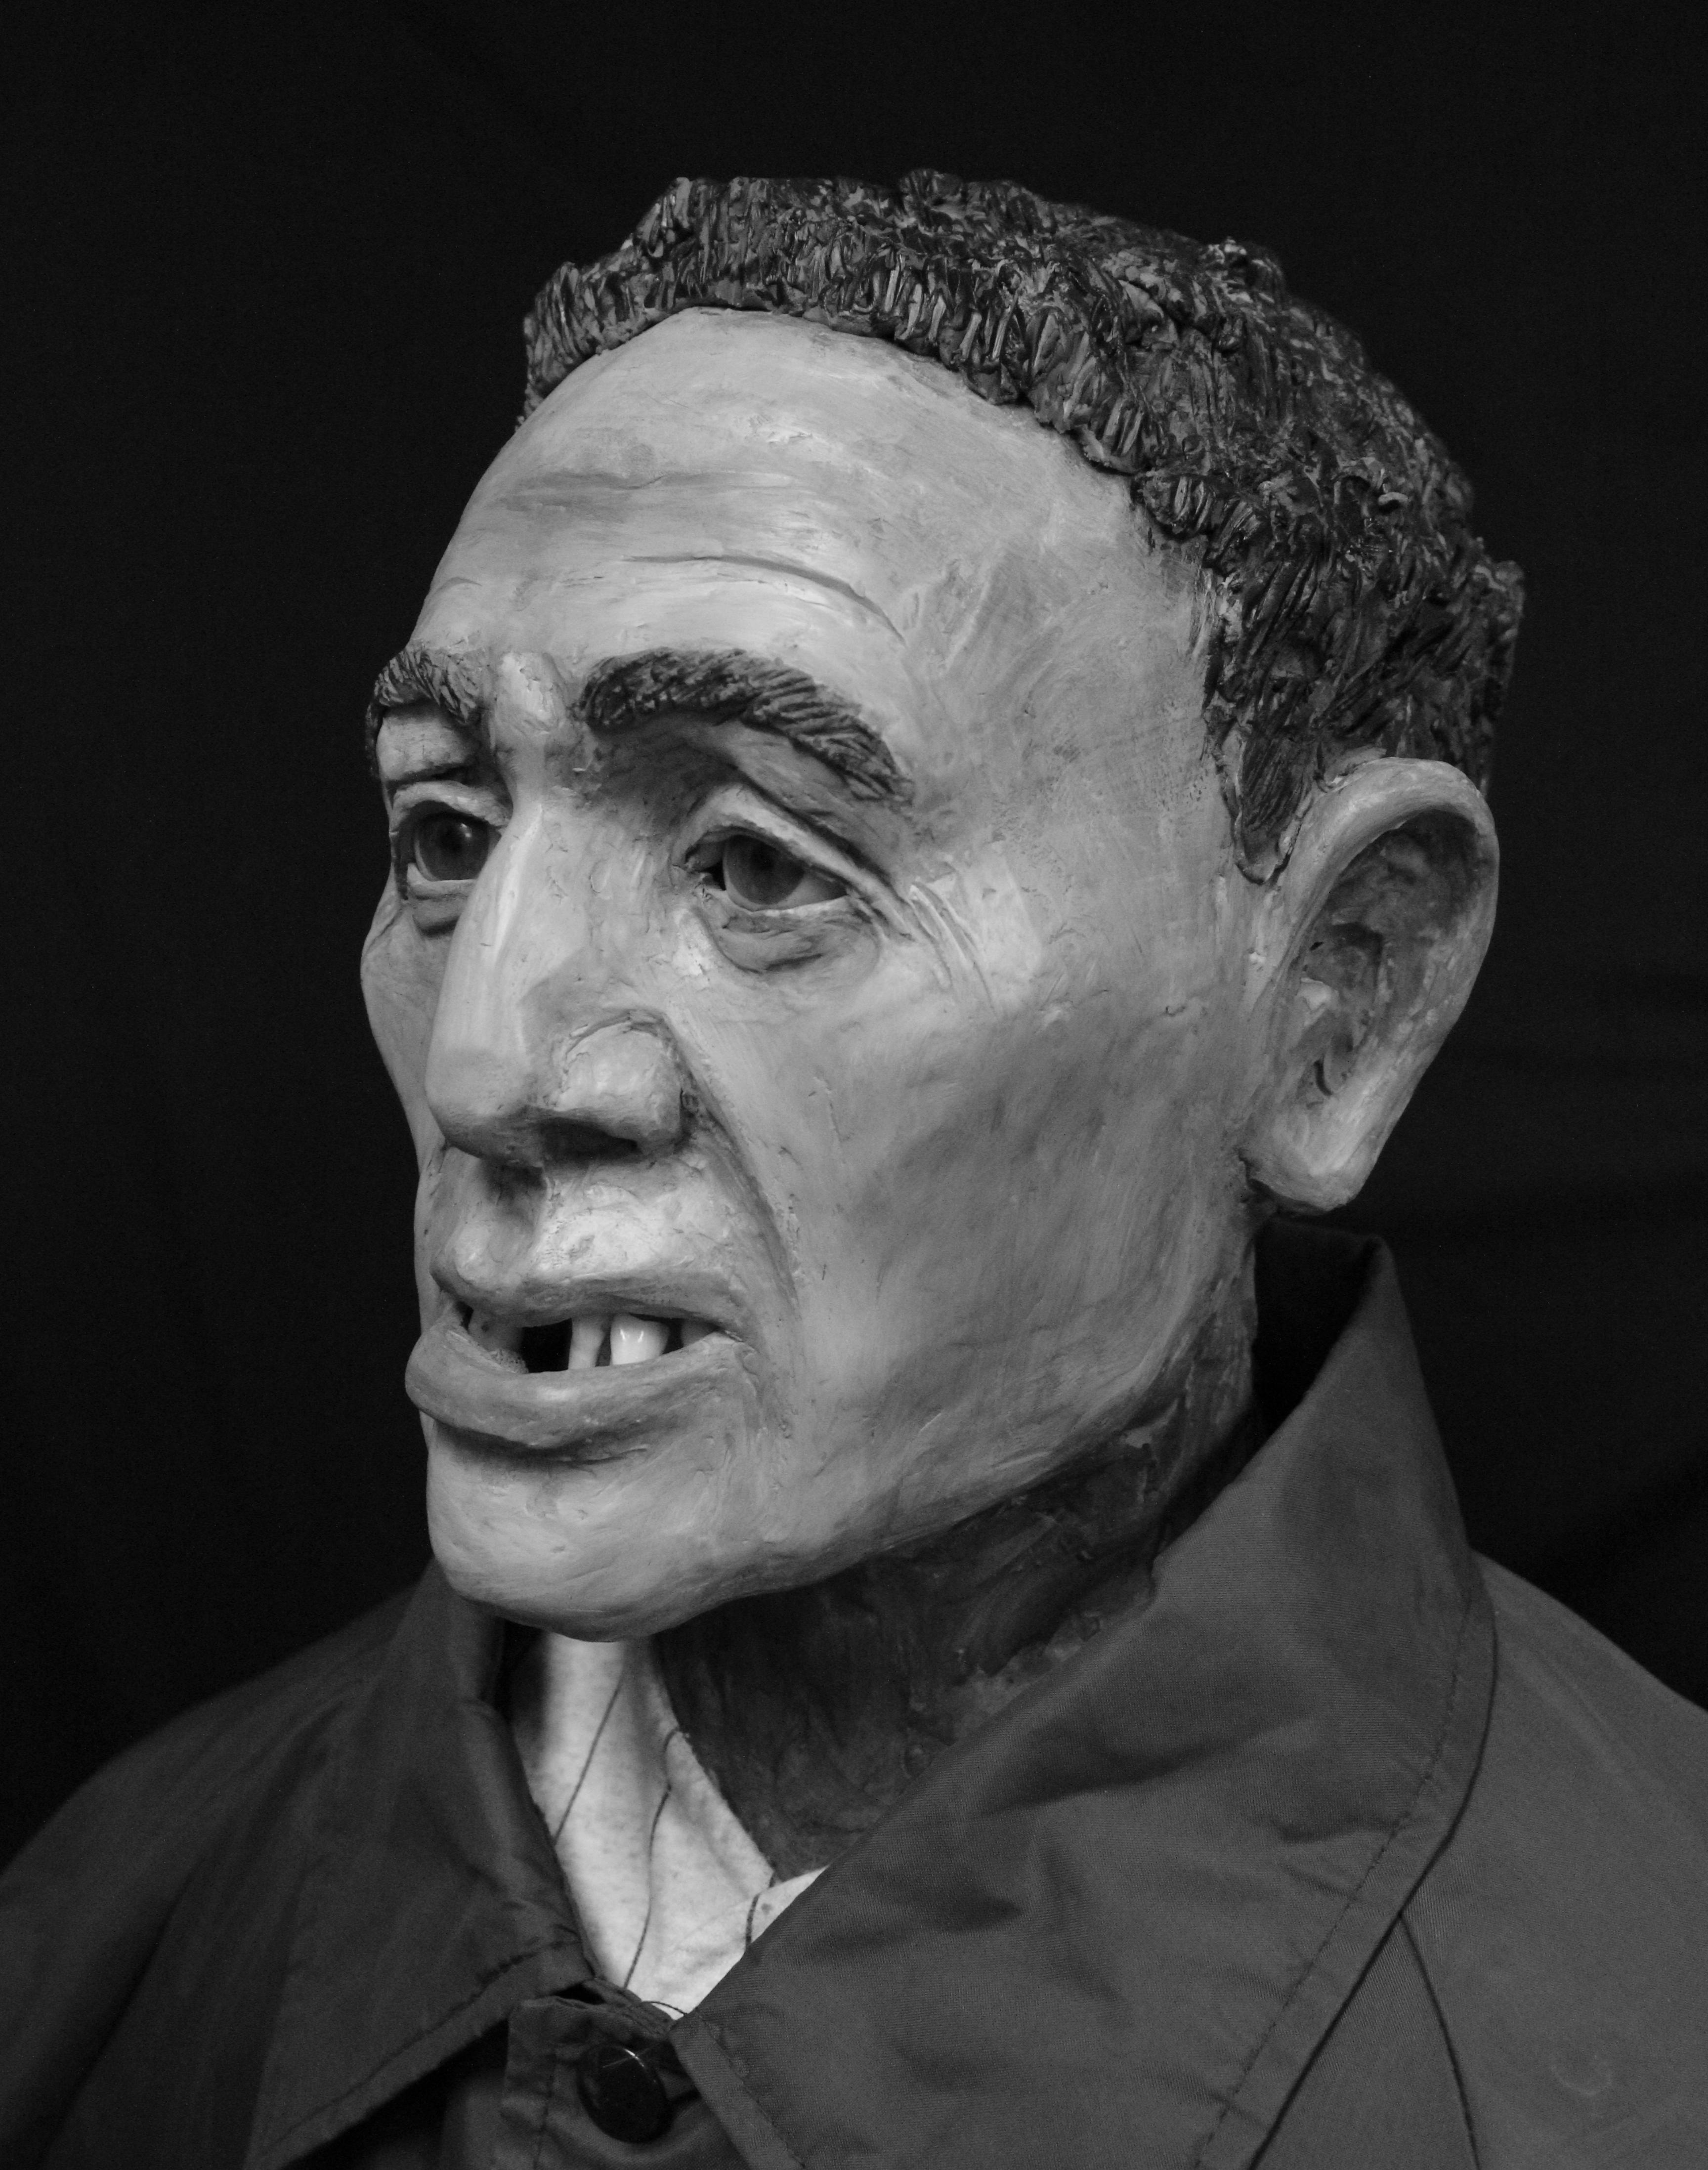 Oklahoma City John Doe (2012)